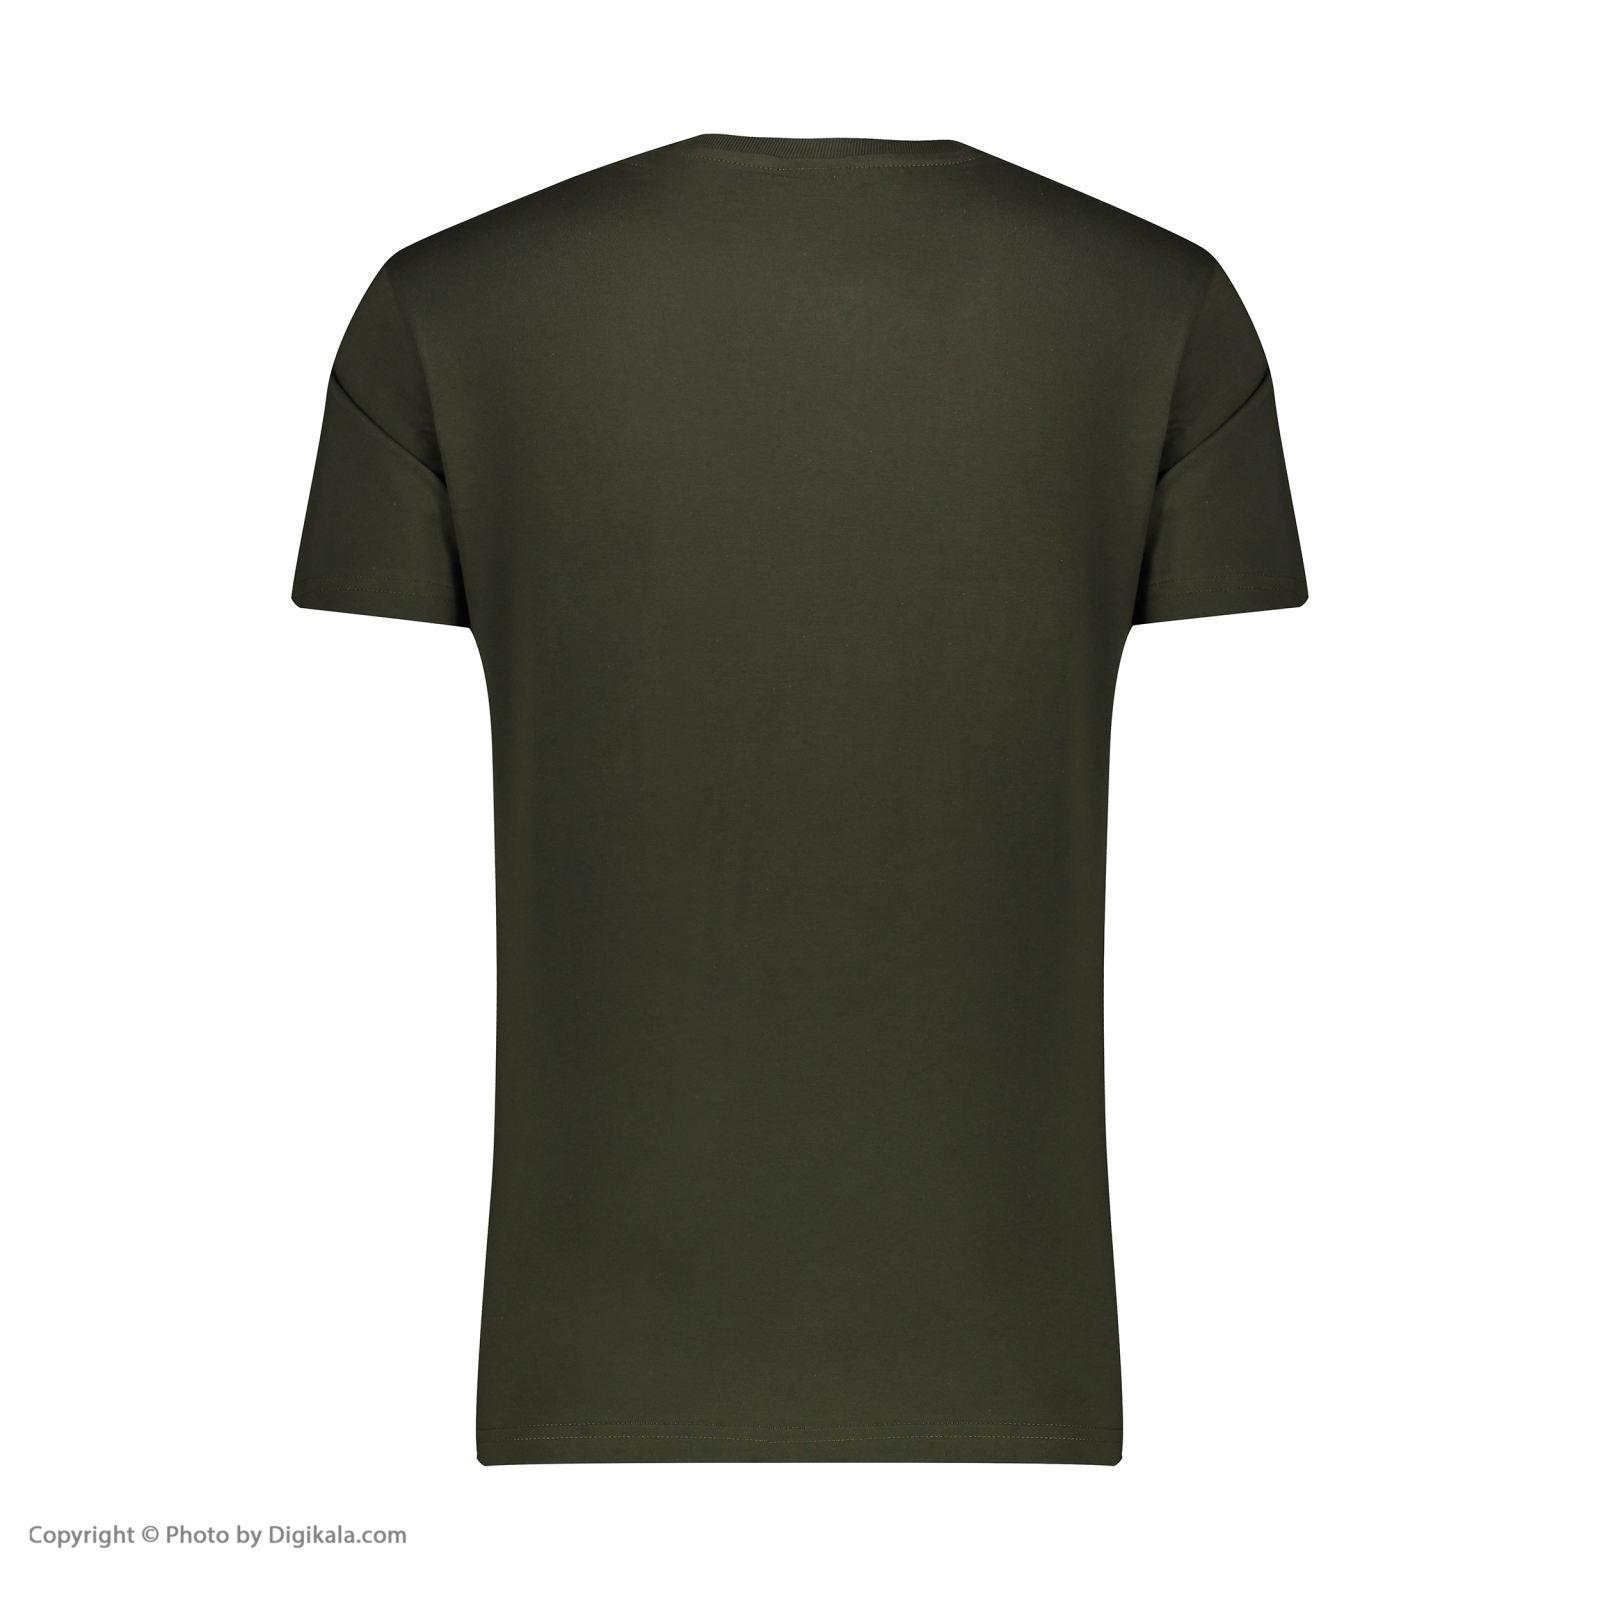 تی شرت ورزشی مردانه یونی پرو مدل 914119301-60 -  - 4